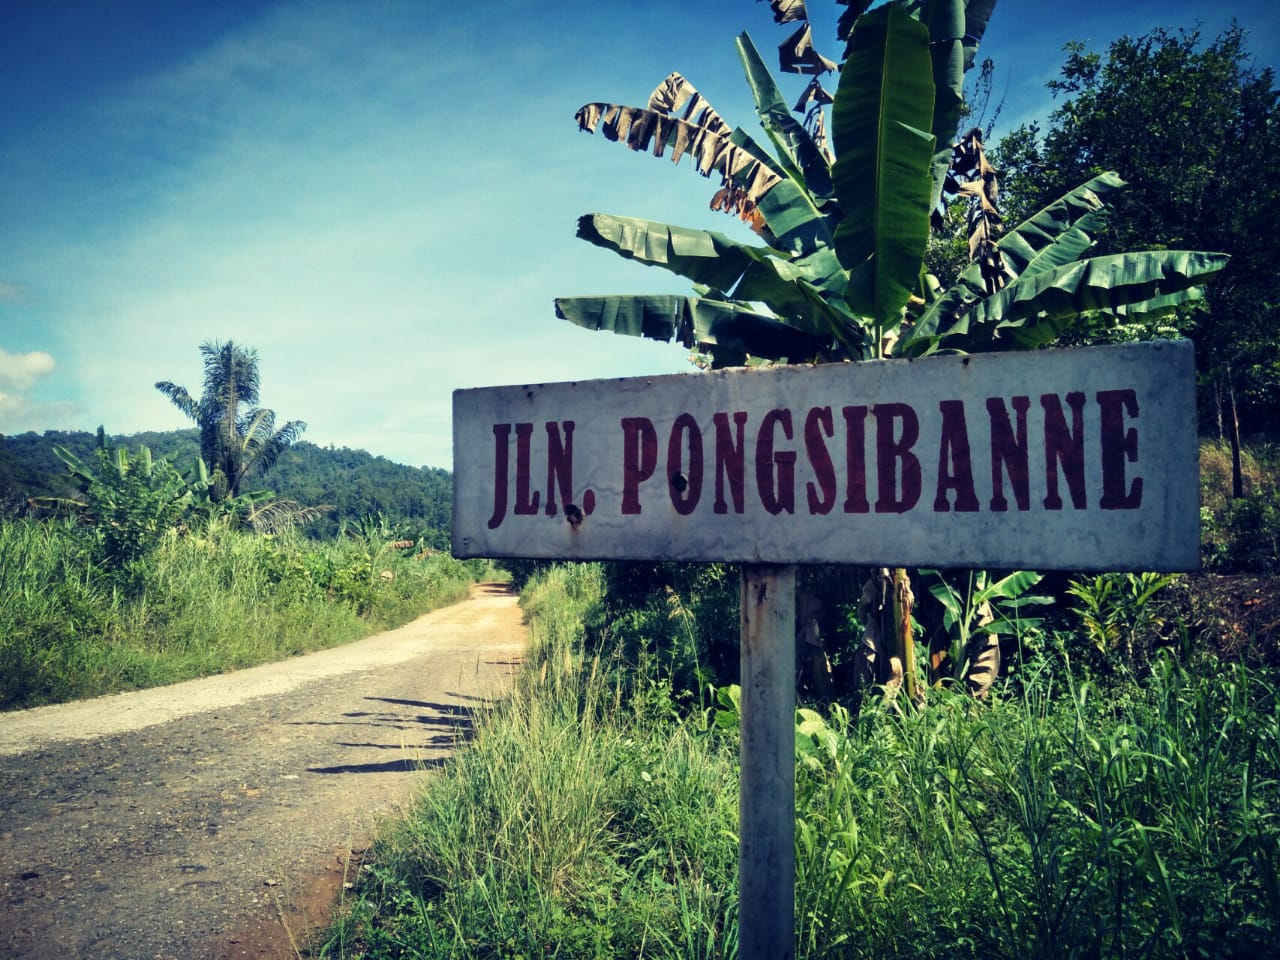 PT Wika Hadir di Balambano, Mujur Terkait Tenaga Kerja Prioritaskan Masyarakat Desa Balambano